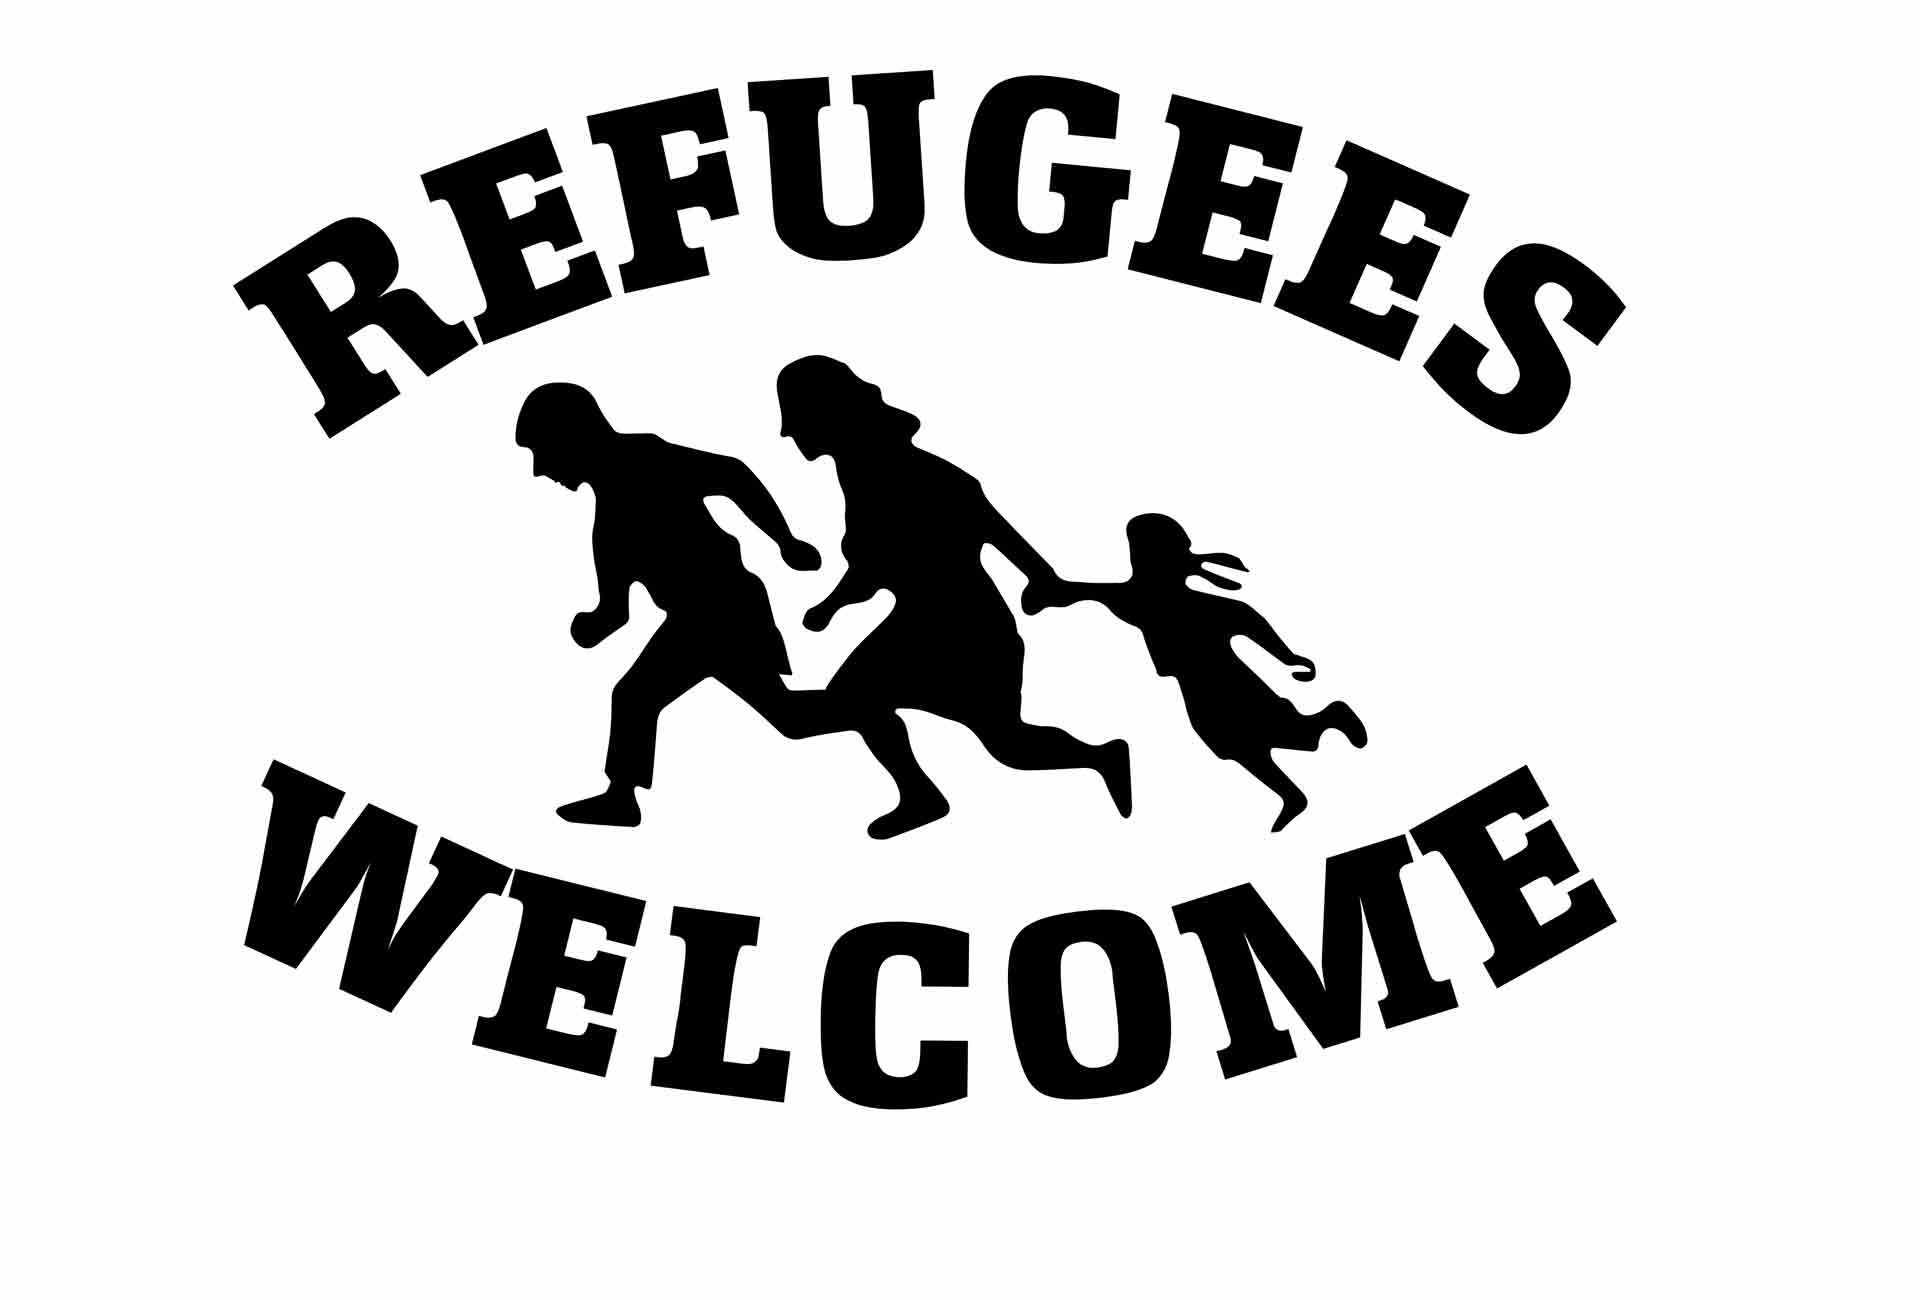 Ein Beitrag über Flüchtlinge von einem ehemaligen Flüchtling